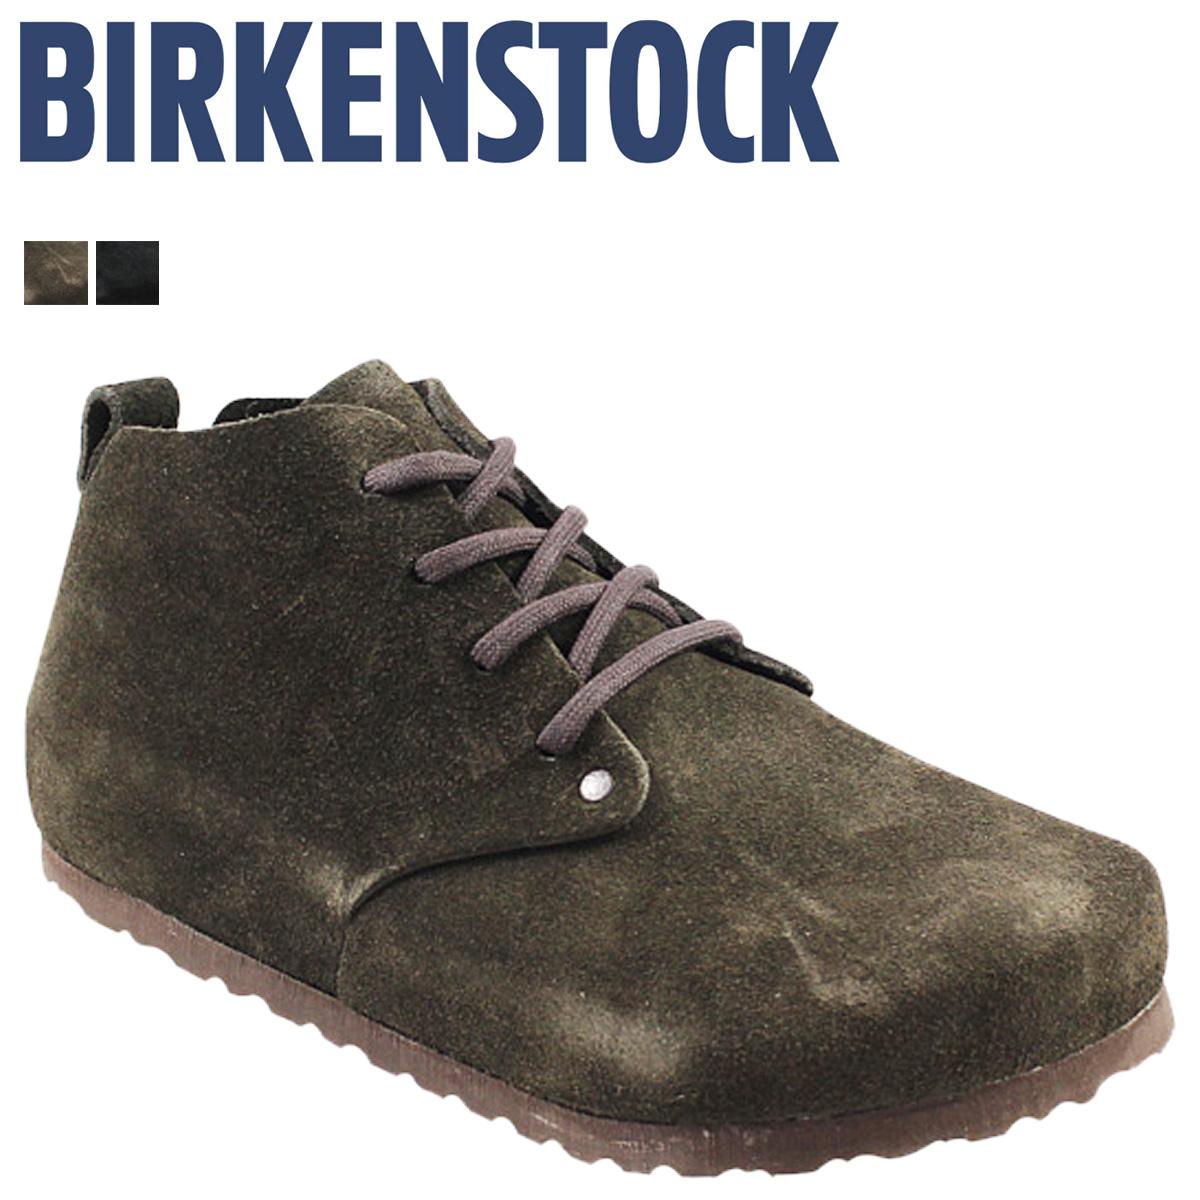 ビルケンシュトックダンディー BIRKENSTOCK building Ken shoes boots normal width DUNDEE Lady's